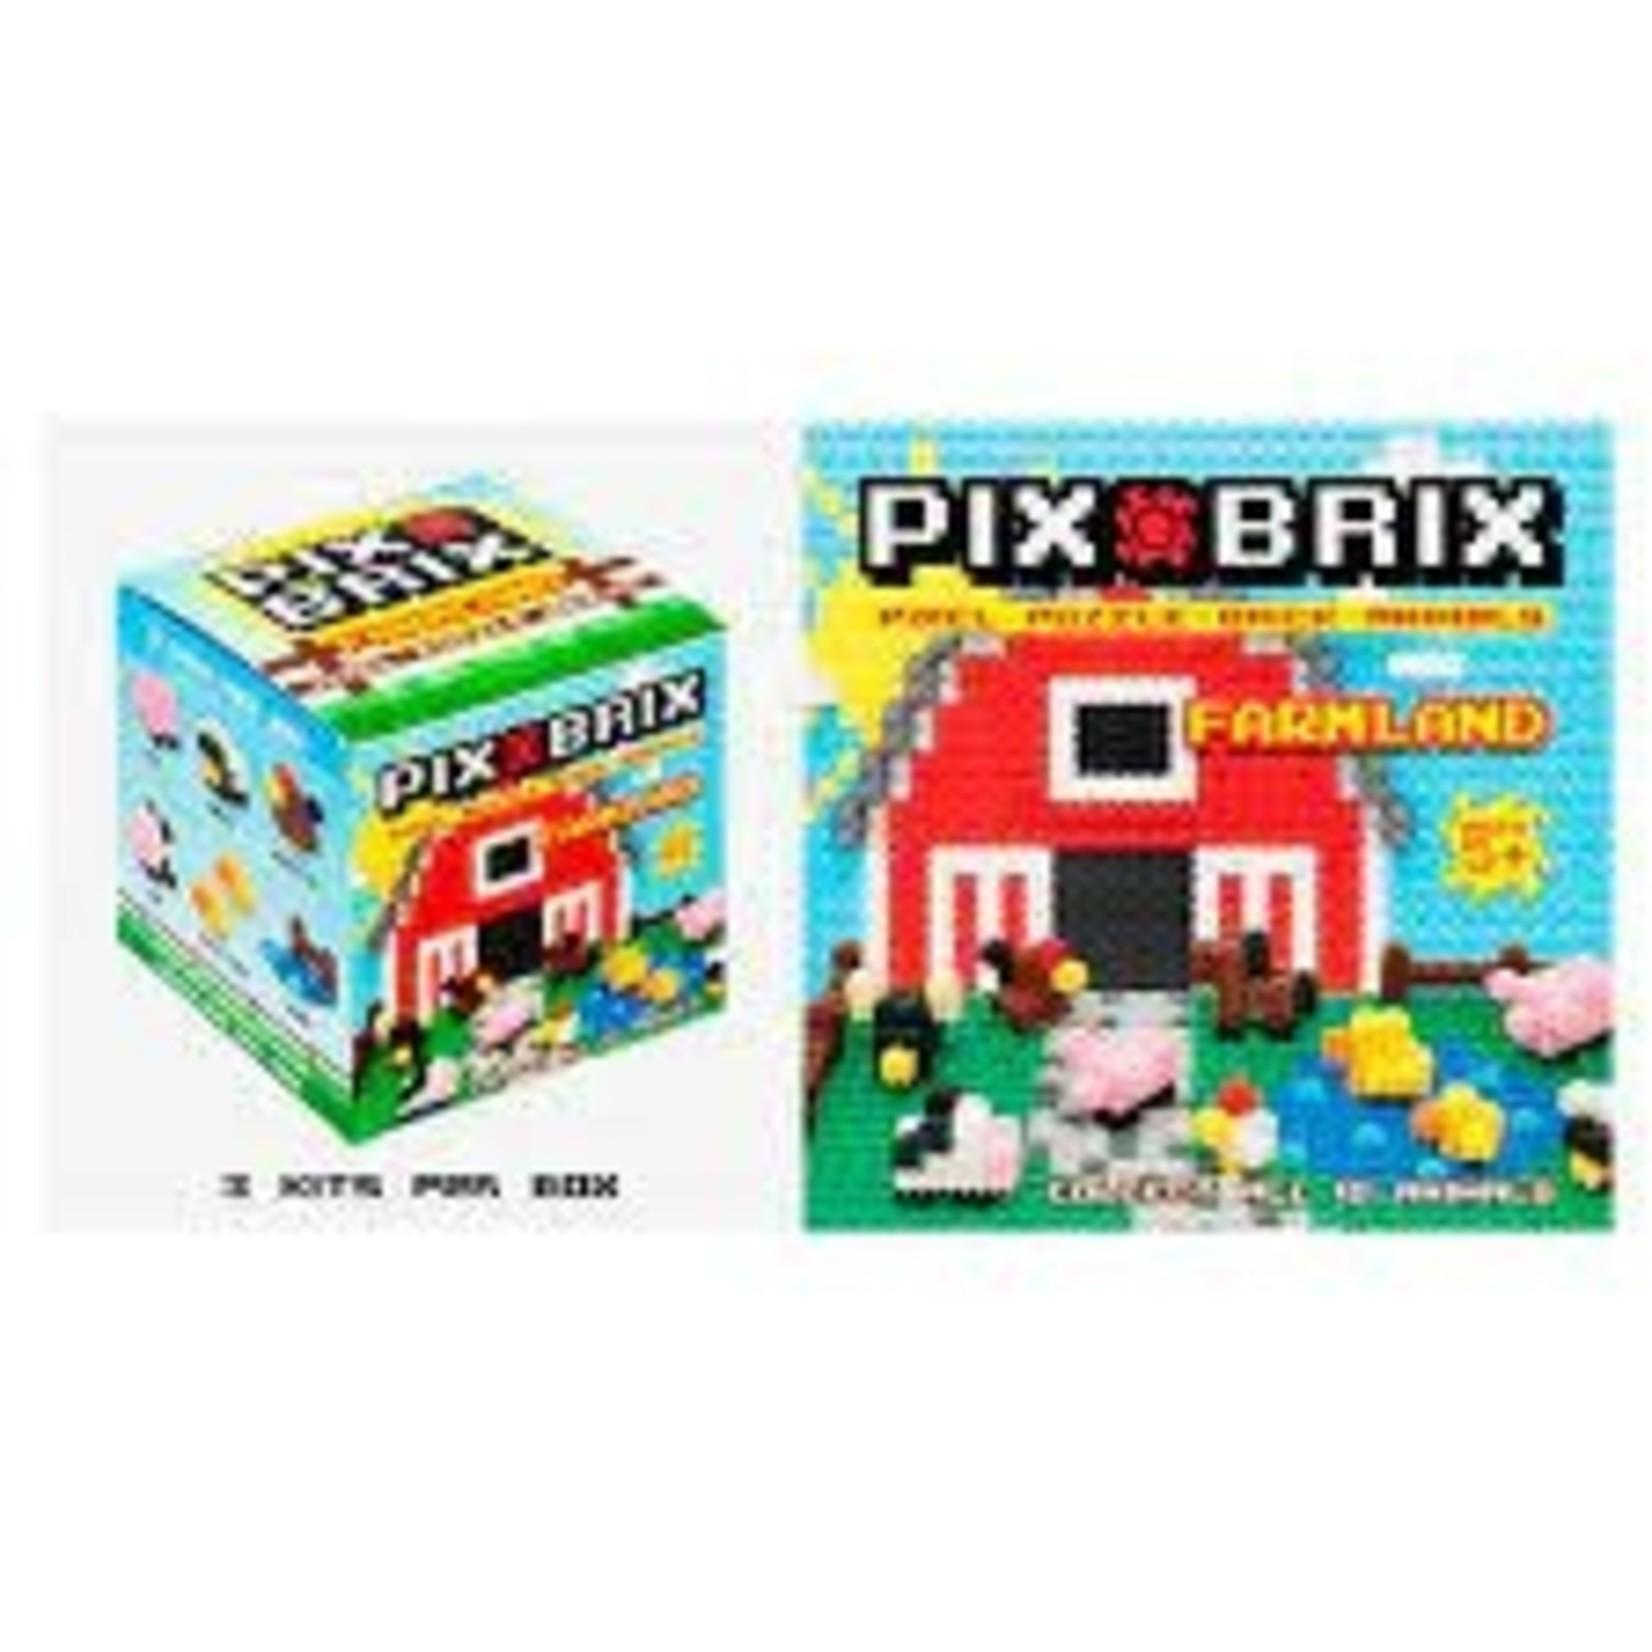 Pix Brix Pix Brix Farmland Mystery Box